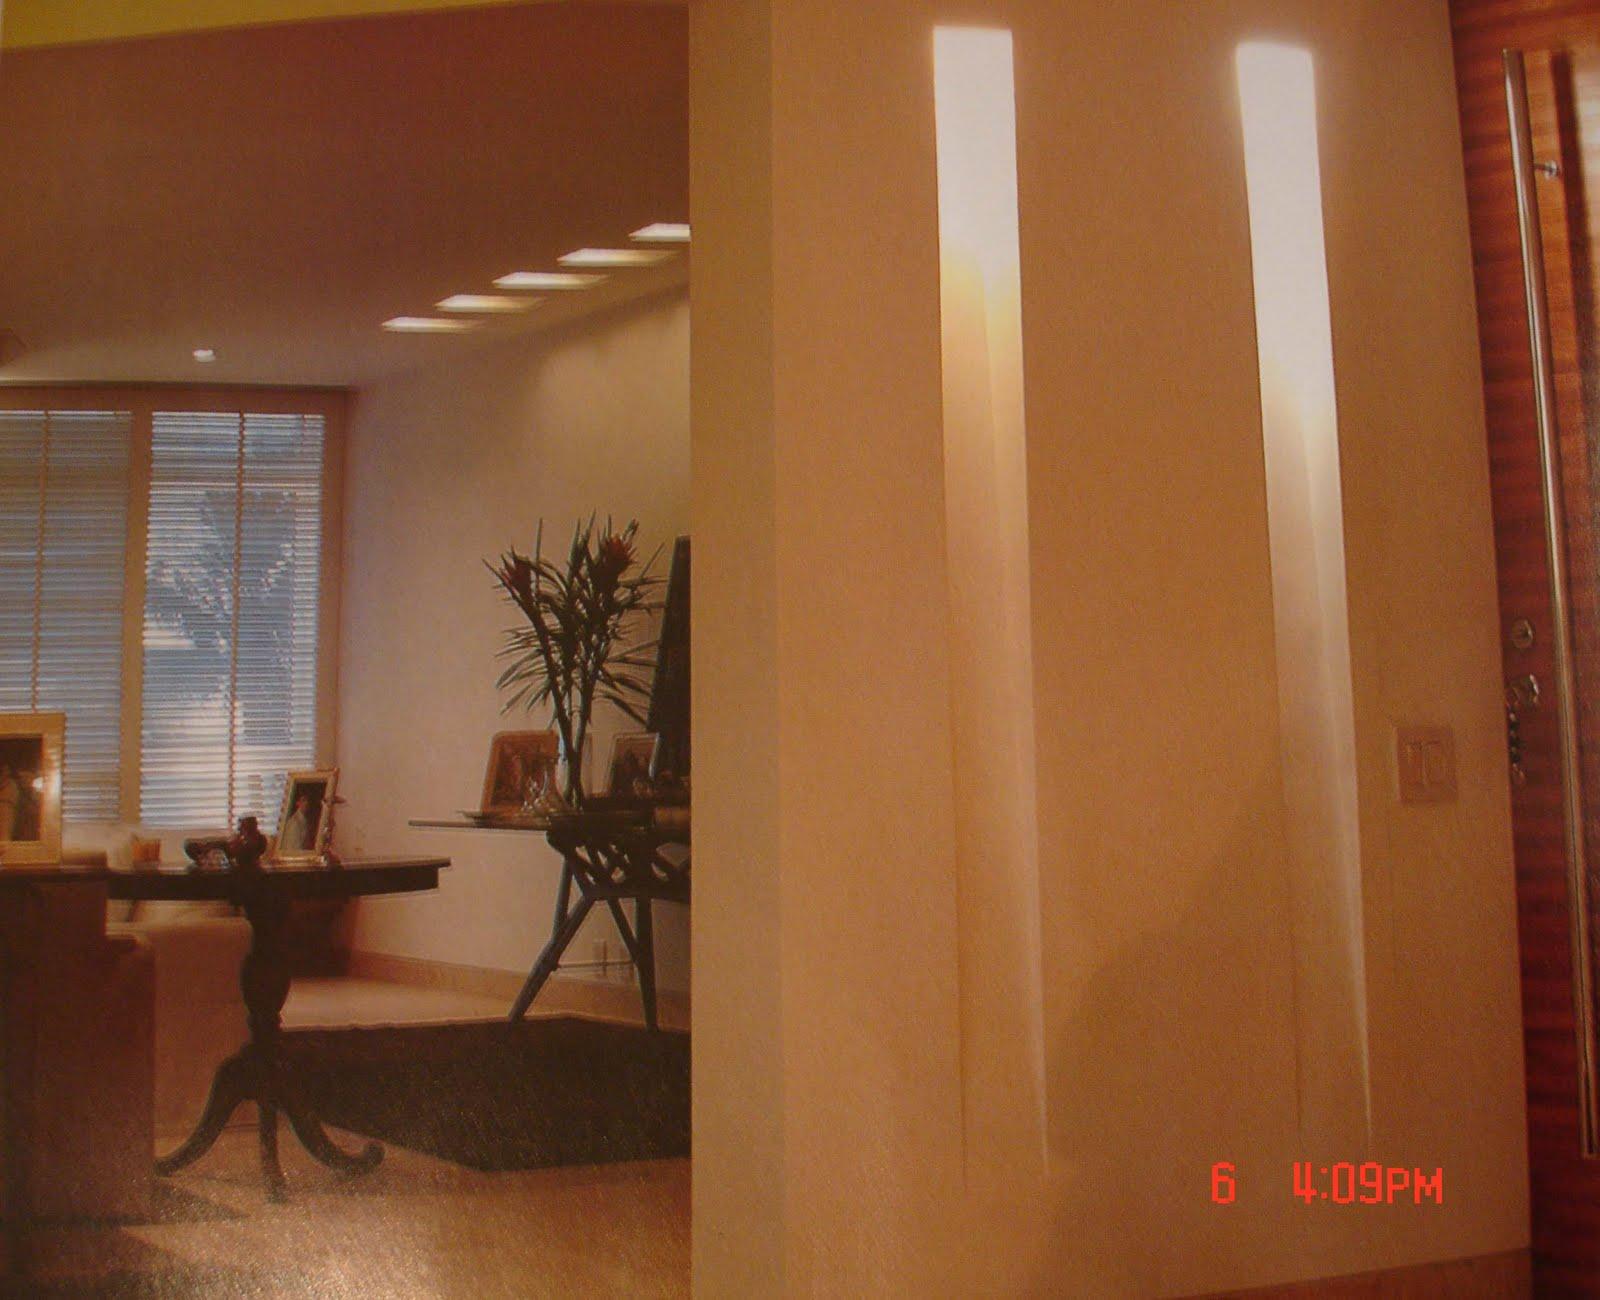 Extremamente Arquitetura de Iluminação: Iluminação, a arte de criar ambientes  XB18